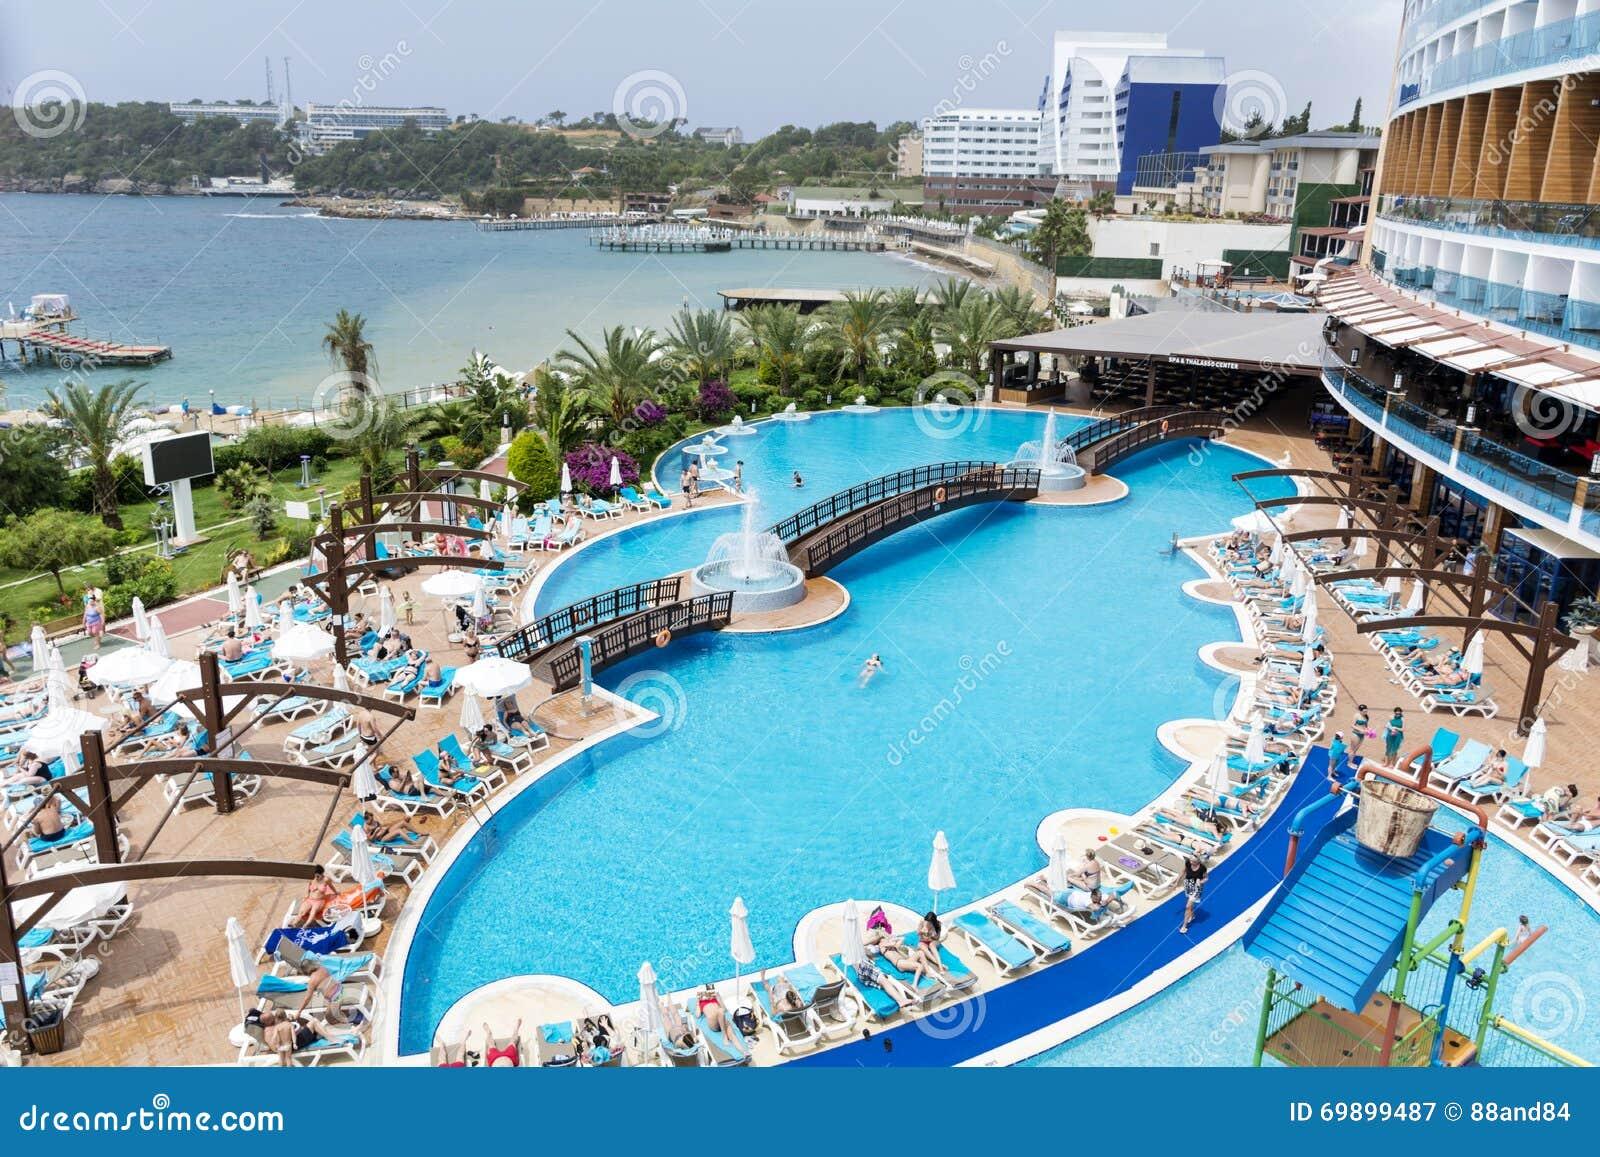 grande piscine de luxe ext rieure avec des paumes et mer. Black Bedroom Furniture Sets. Home Design Ideas